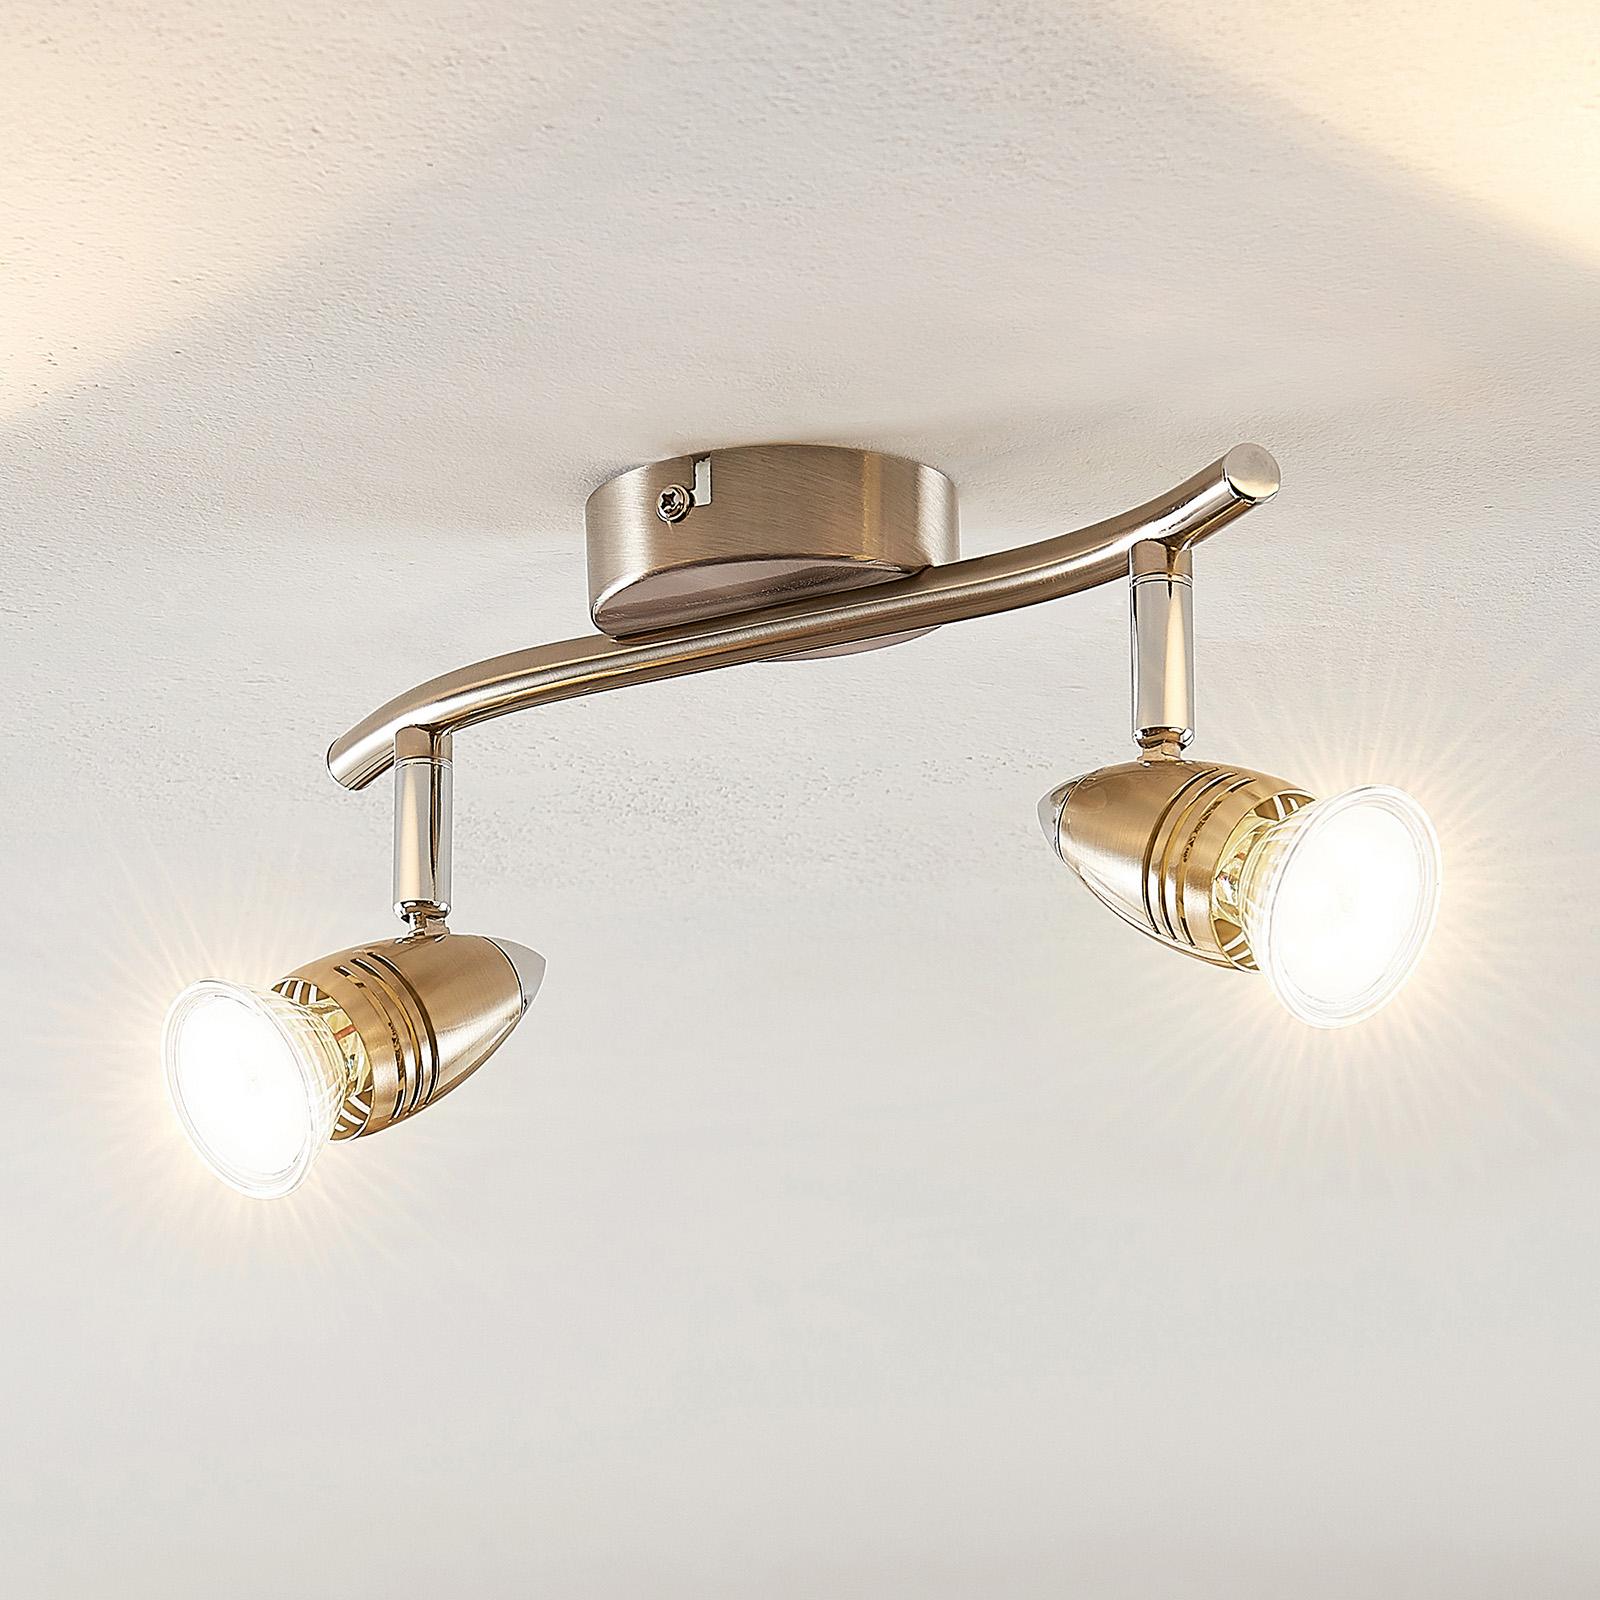 ELC Kalean LED-Deckenstrahler, nickel, 2-flammig